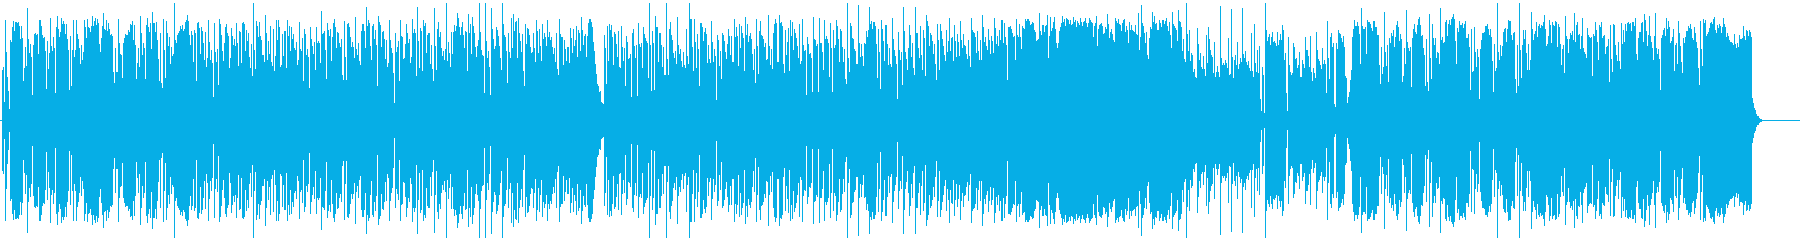 疾走感のあるアップテンポなミュージックの再生済みの波形